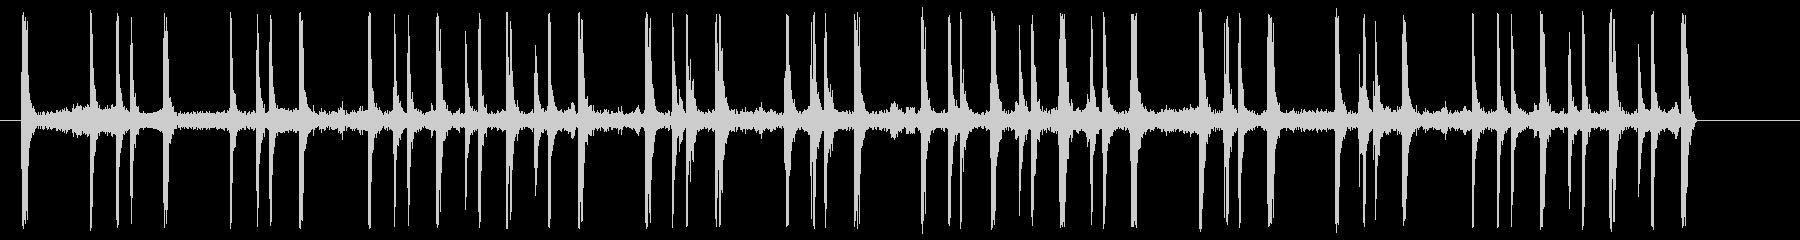 ドラム、トランペット、アルカブスの未再生の波形